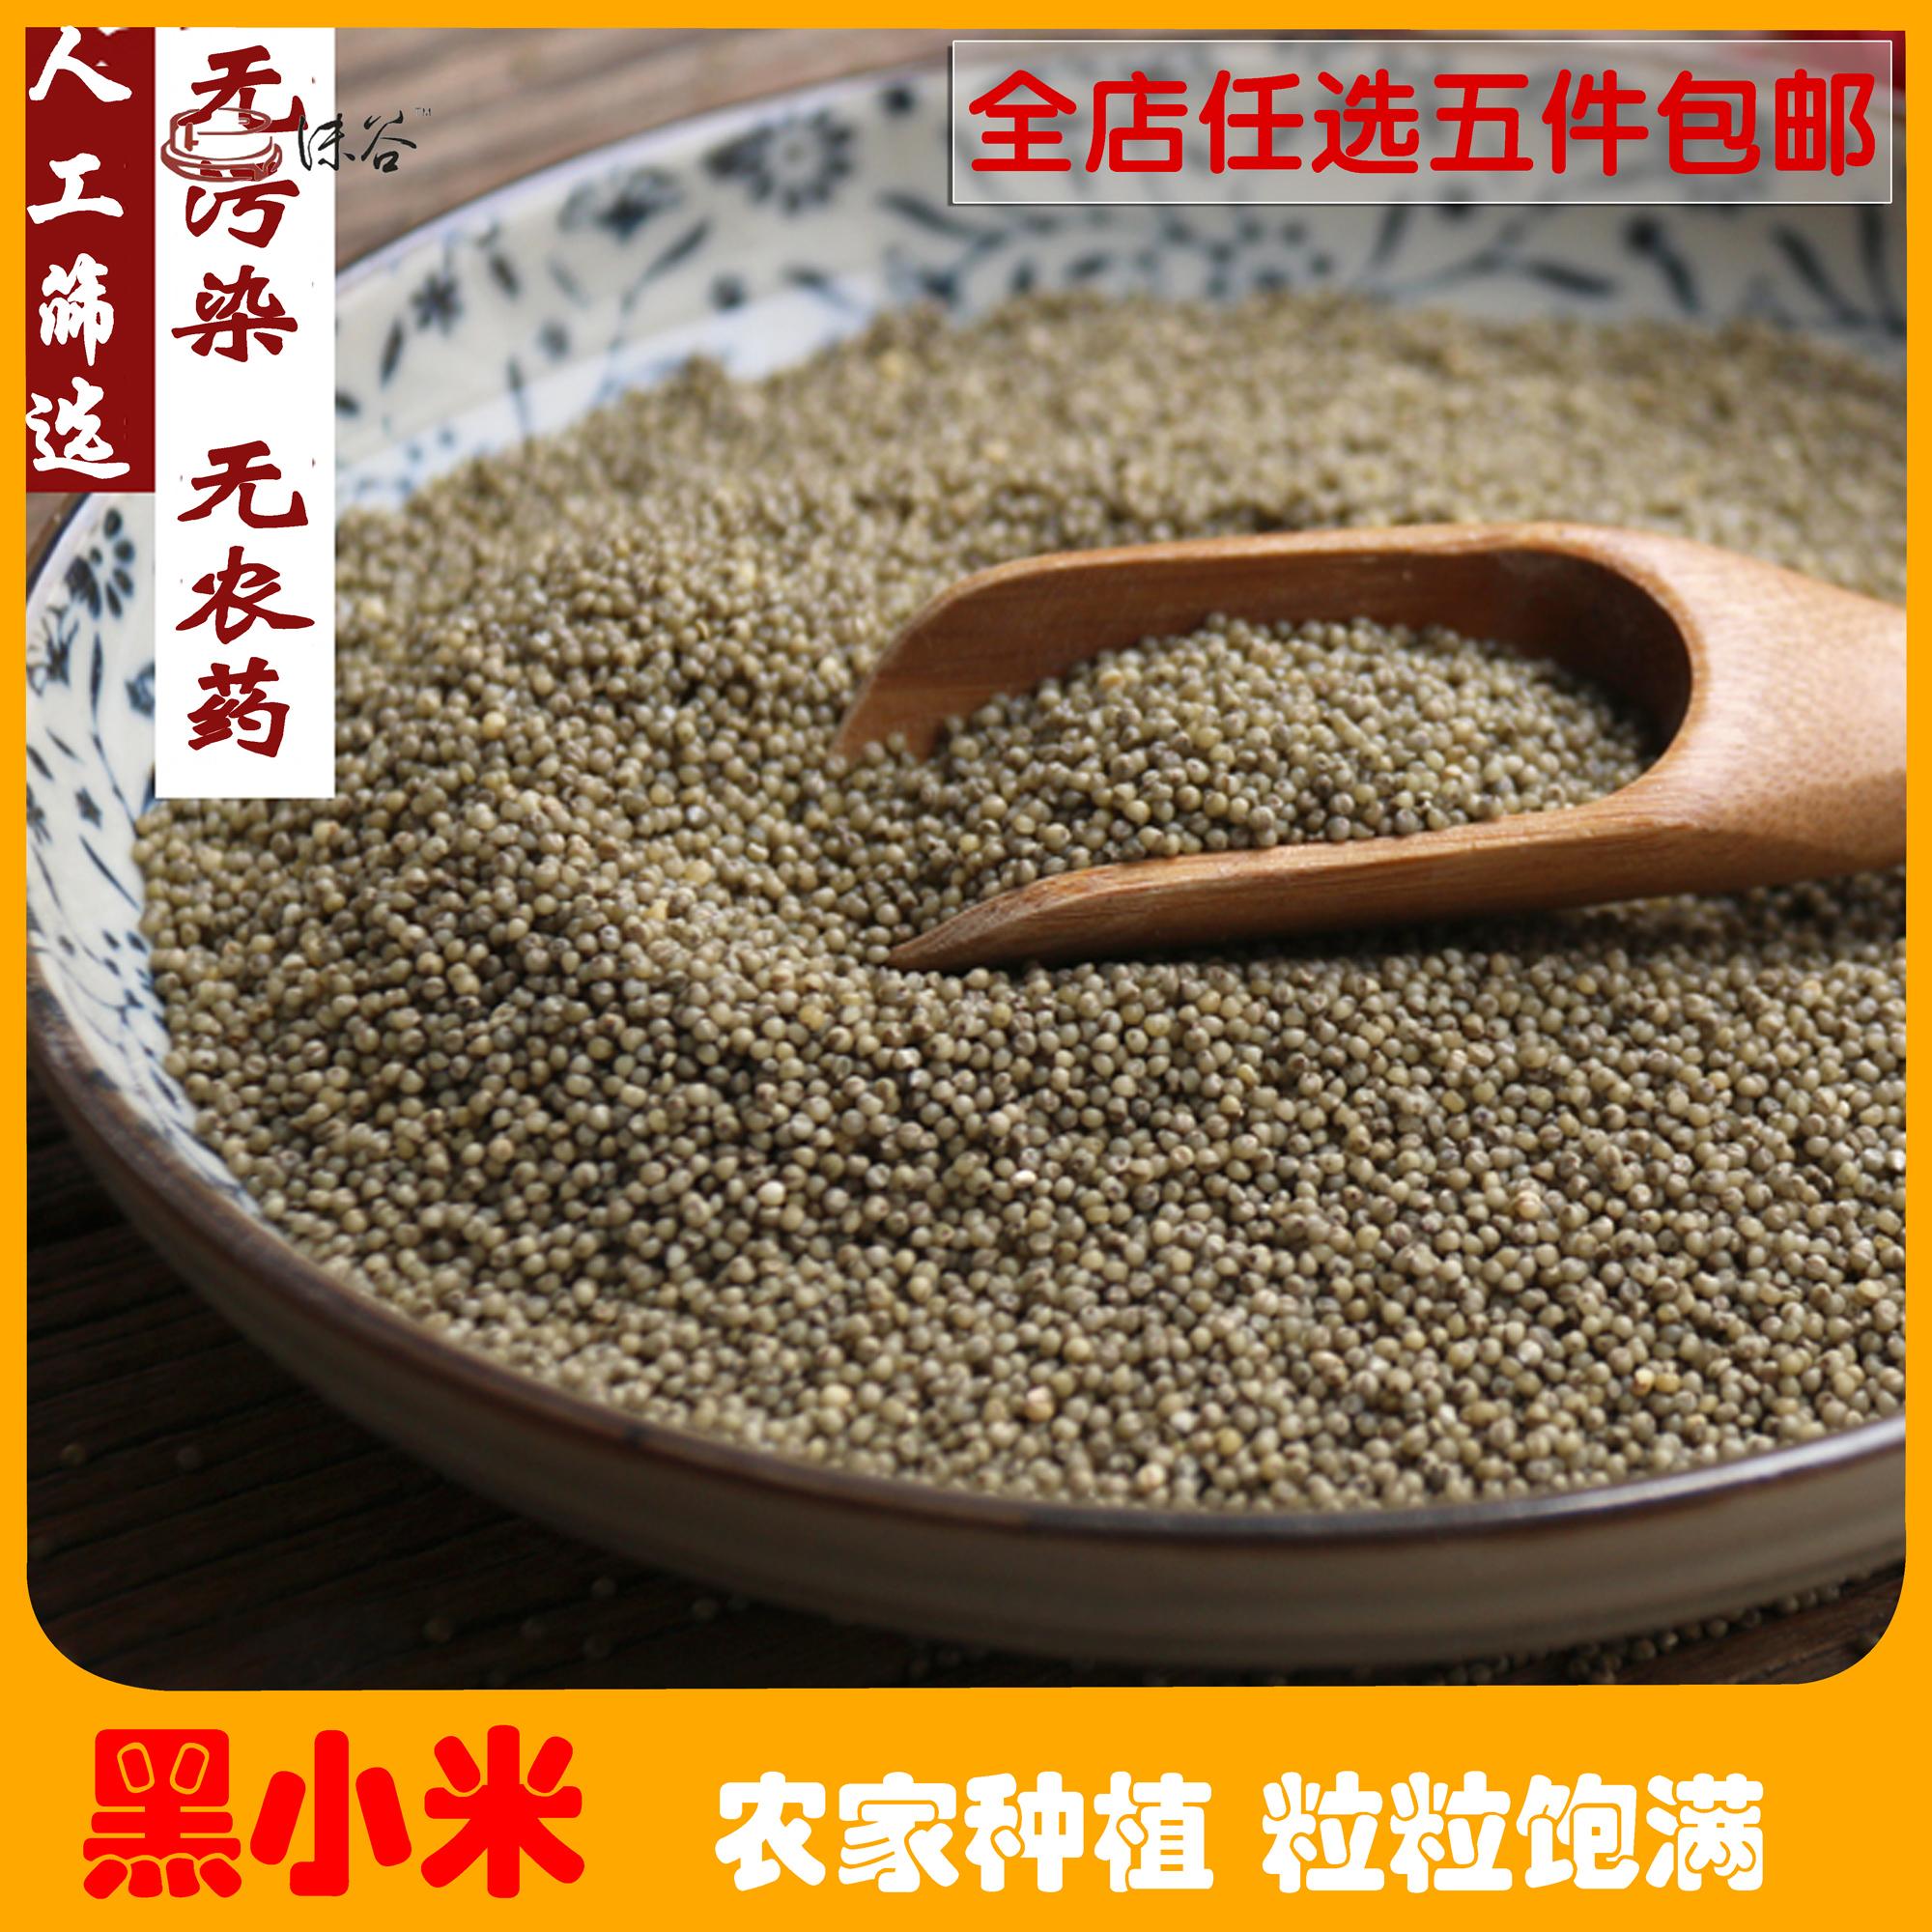 五谷小杂粮粗粮谷绿农品 黑小米 500g杂粮 宝宝辅食农家黑小米